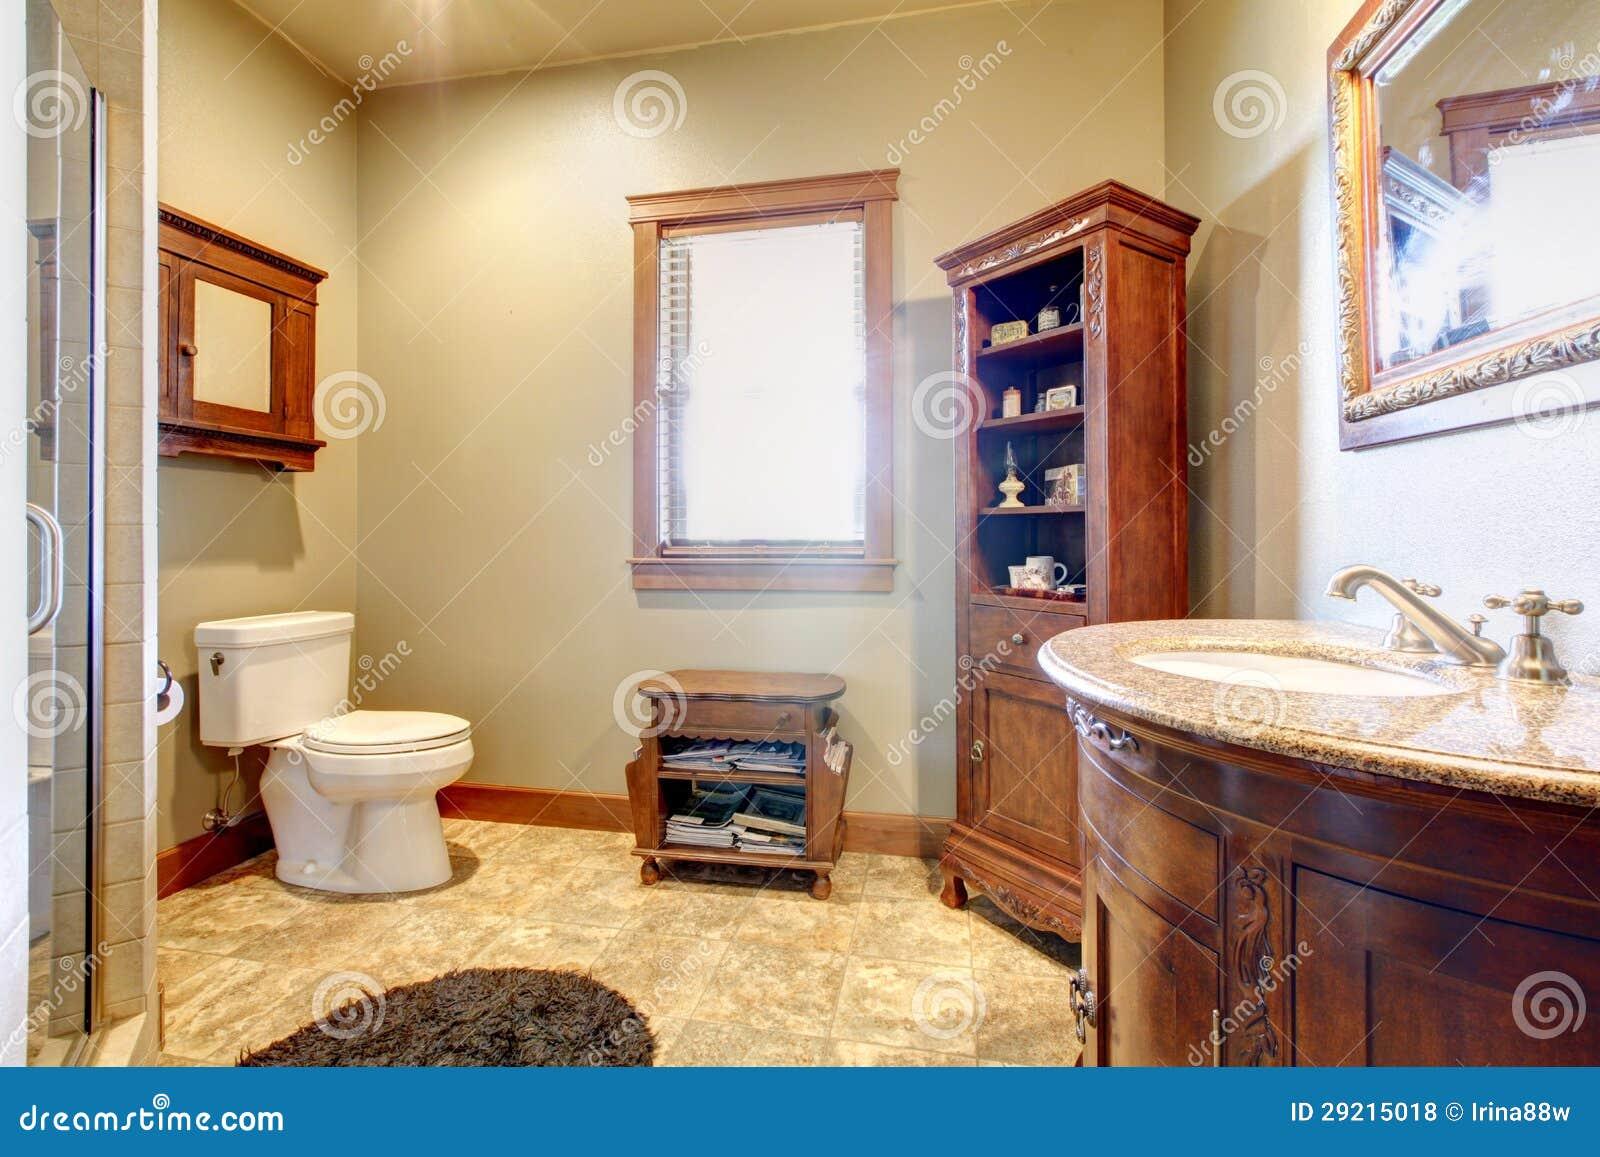 Natuurlijke Kleuren Woonkamer : Spierwit huis met natuurlijke tinten als accent wit interieur